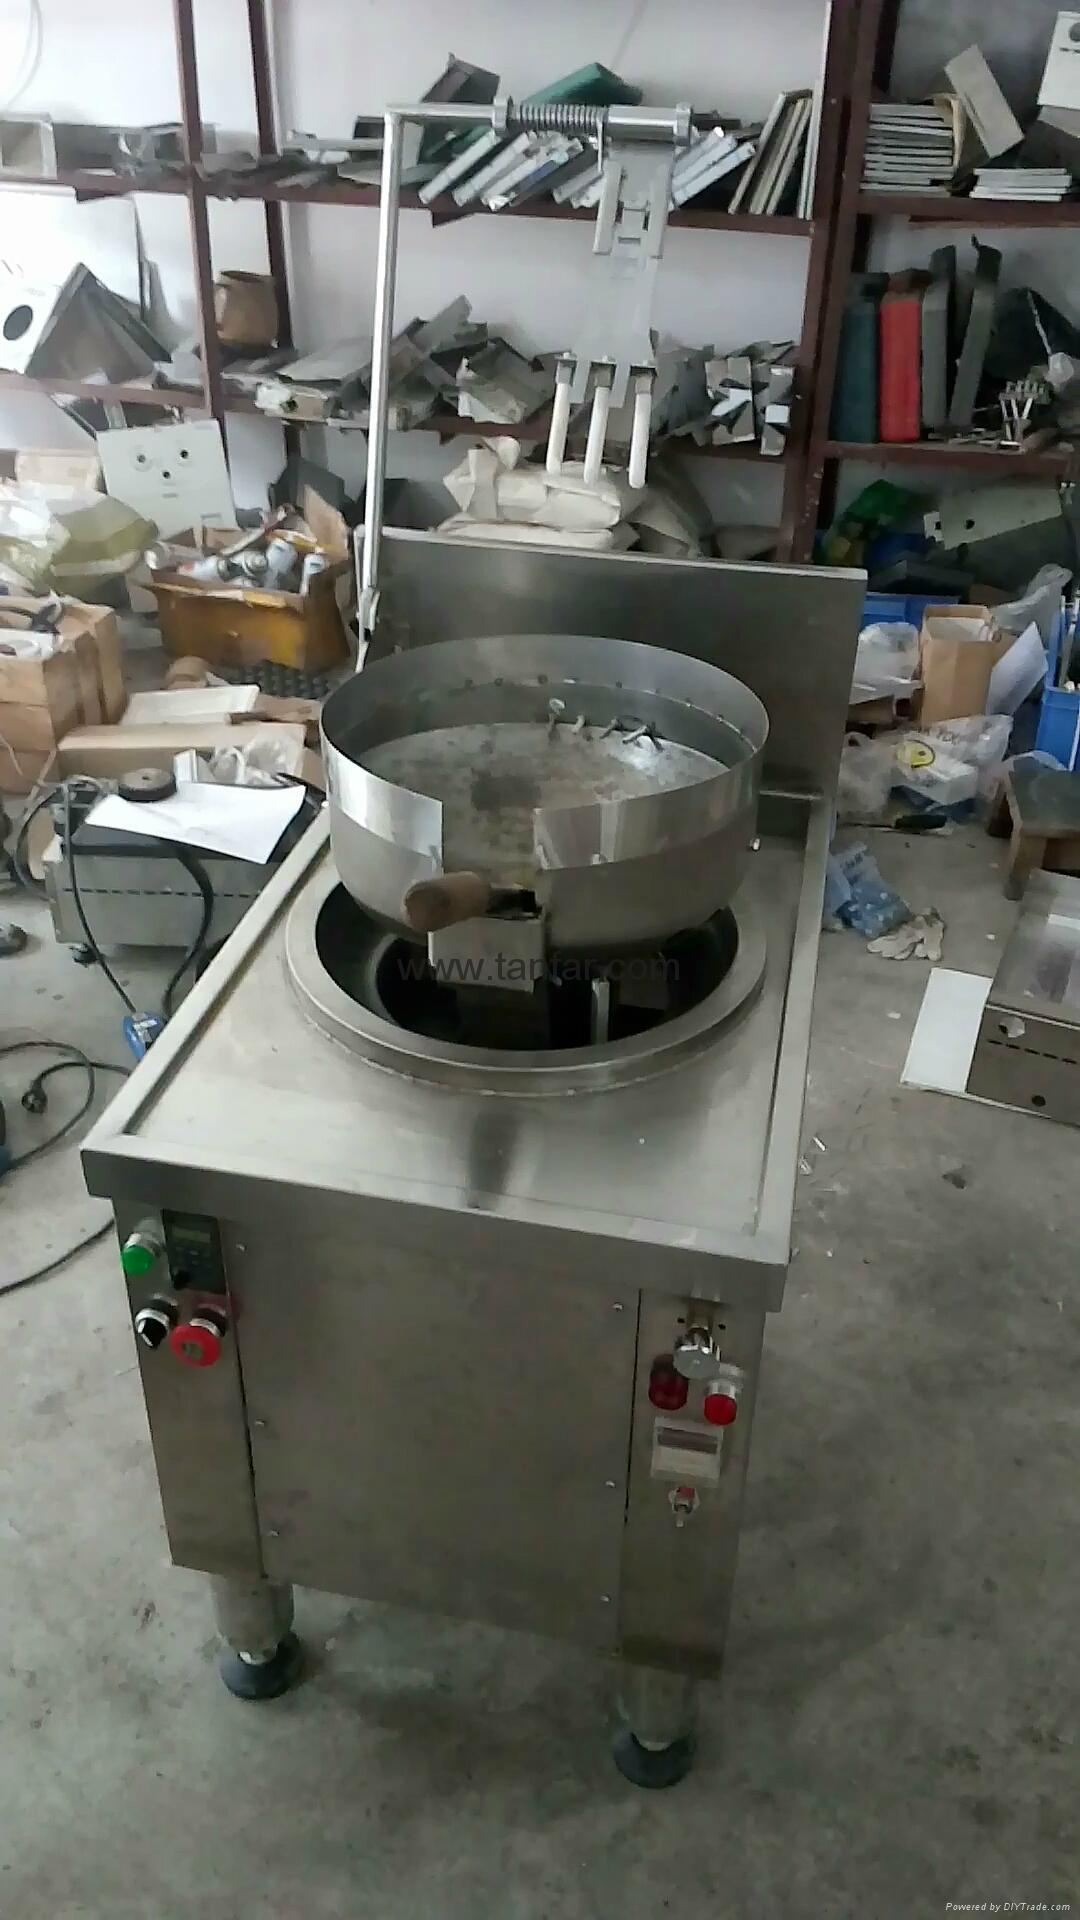 天發自動炒飯機 炒菜機 炒食機TF-460 11